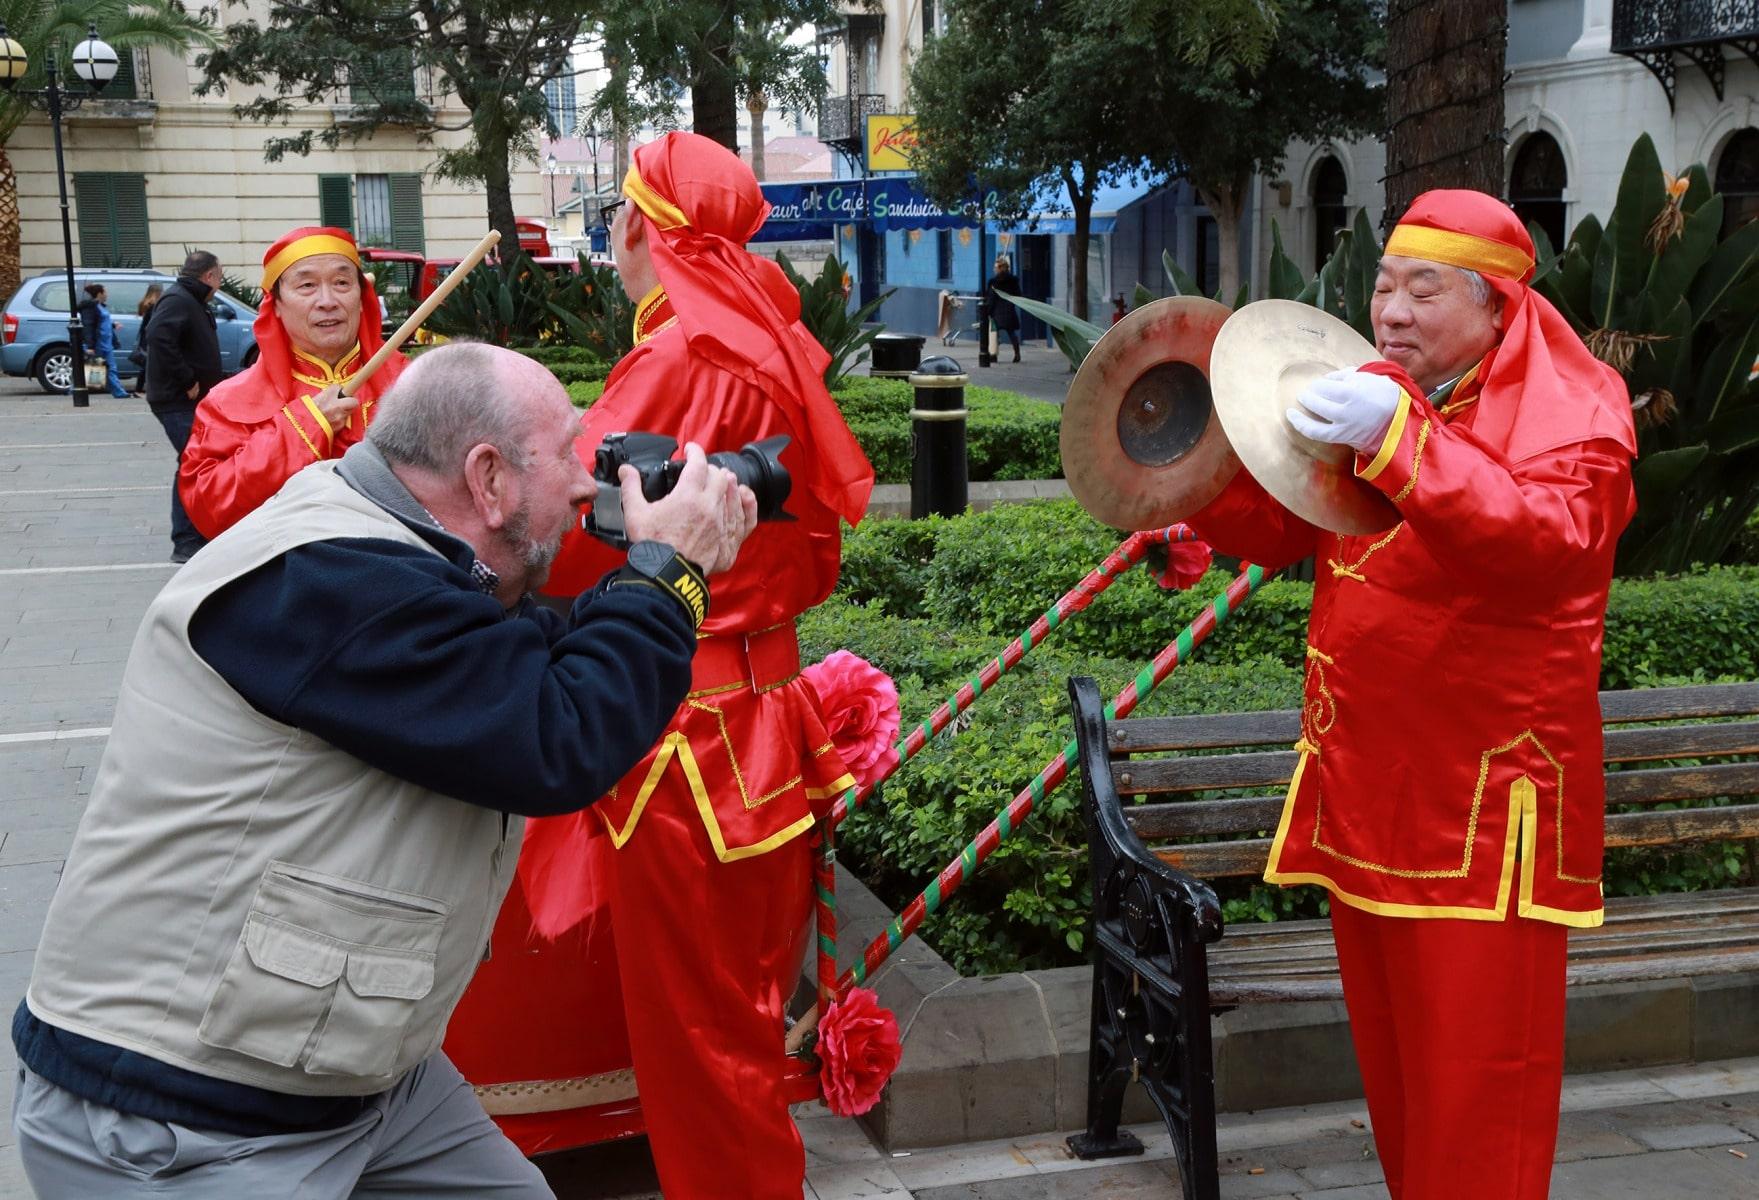 10-feb-2016-celebracin-en-gibraltar-del-ao-nuevo-chino-28_24573491759_o